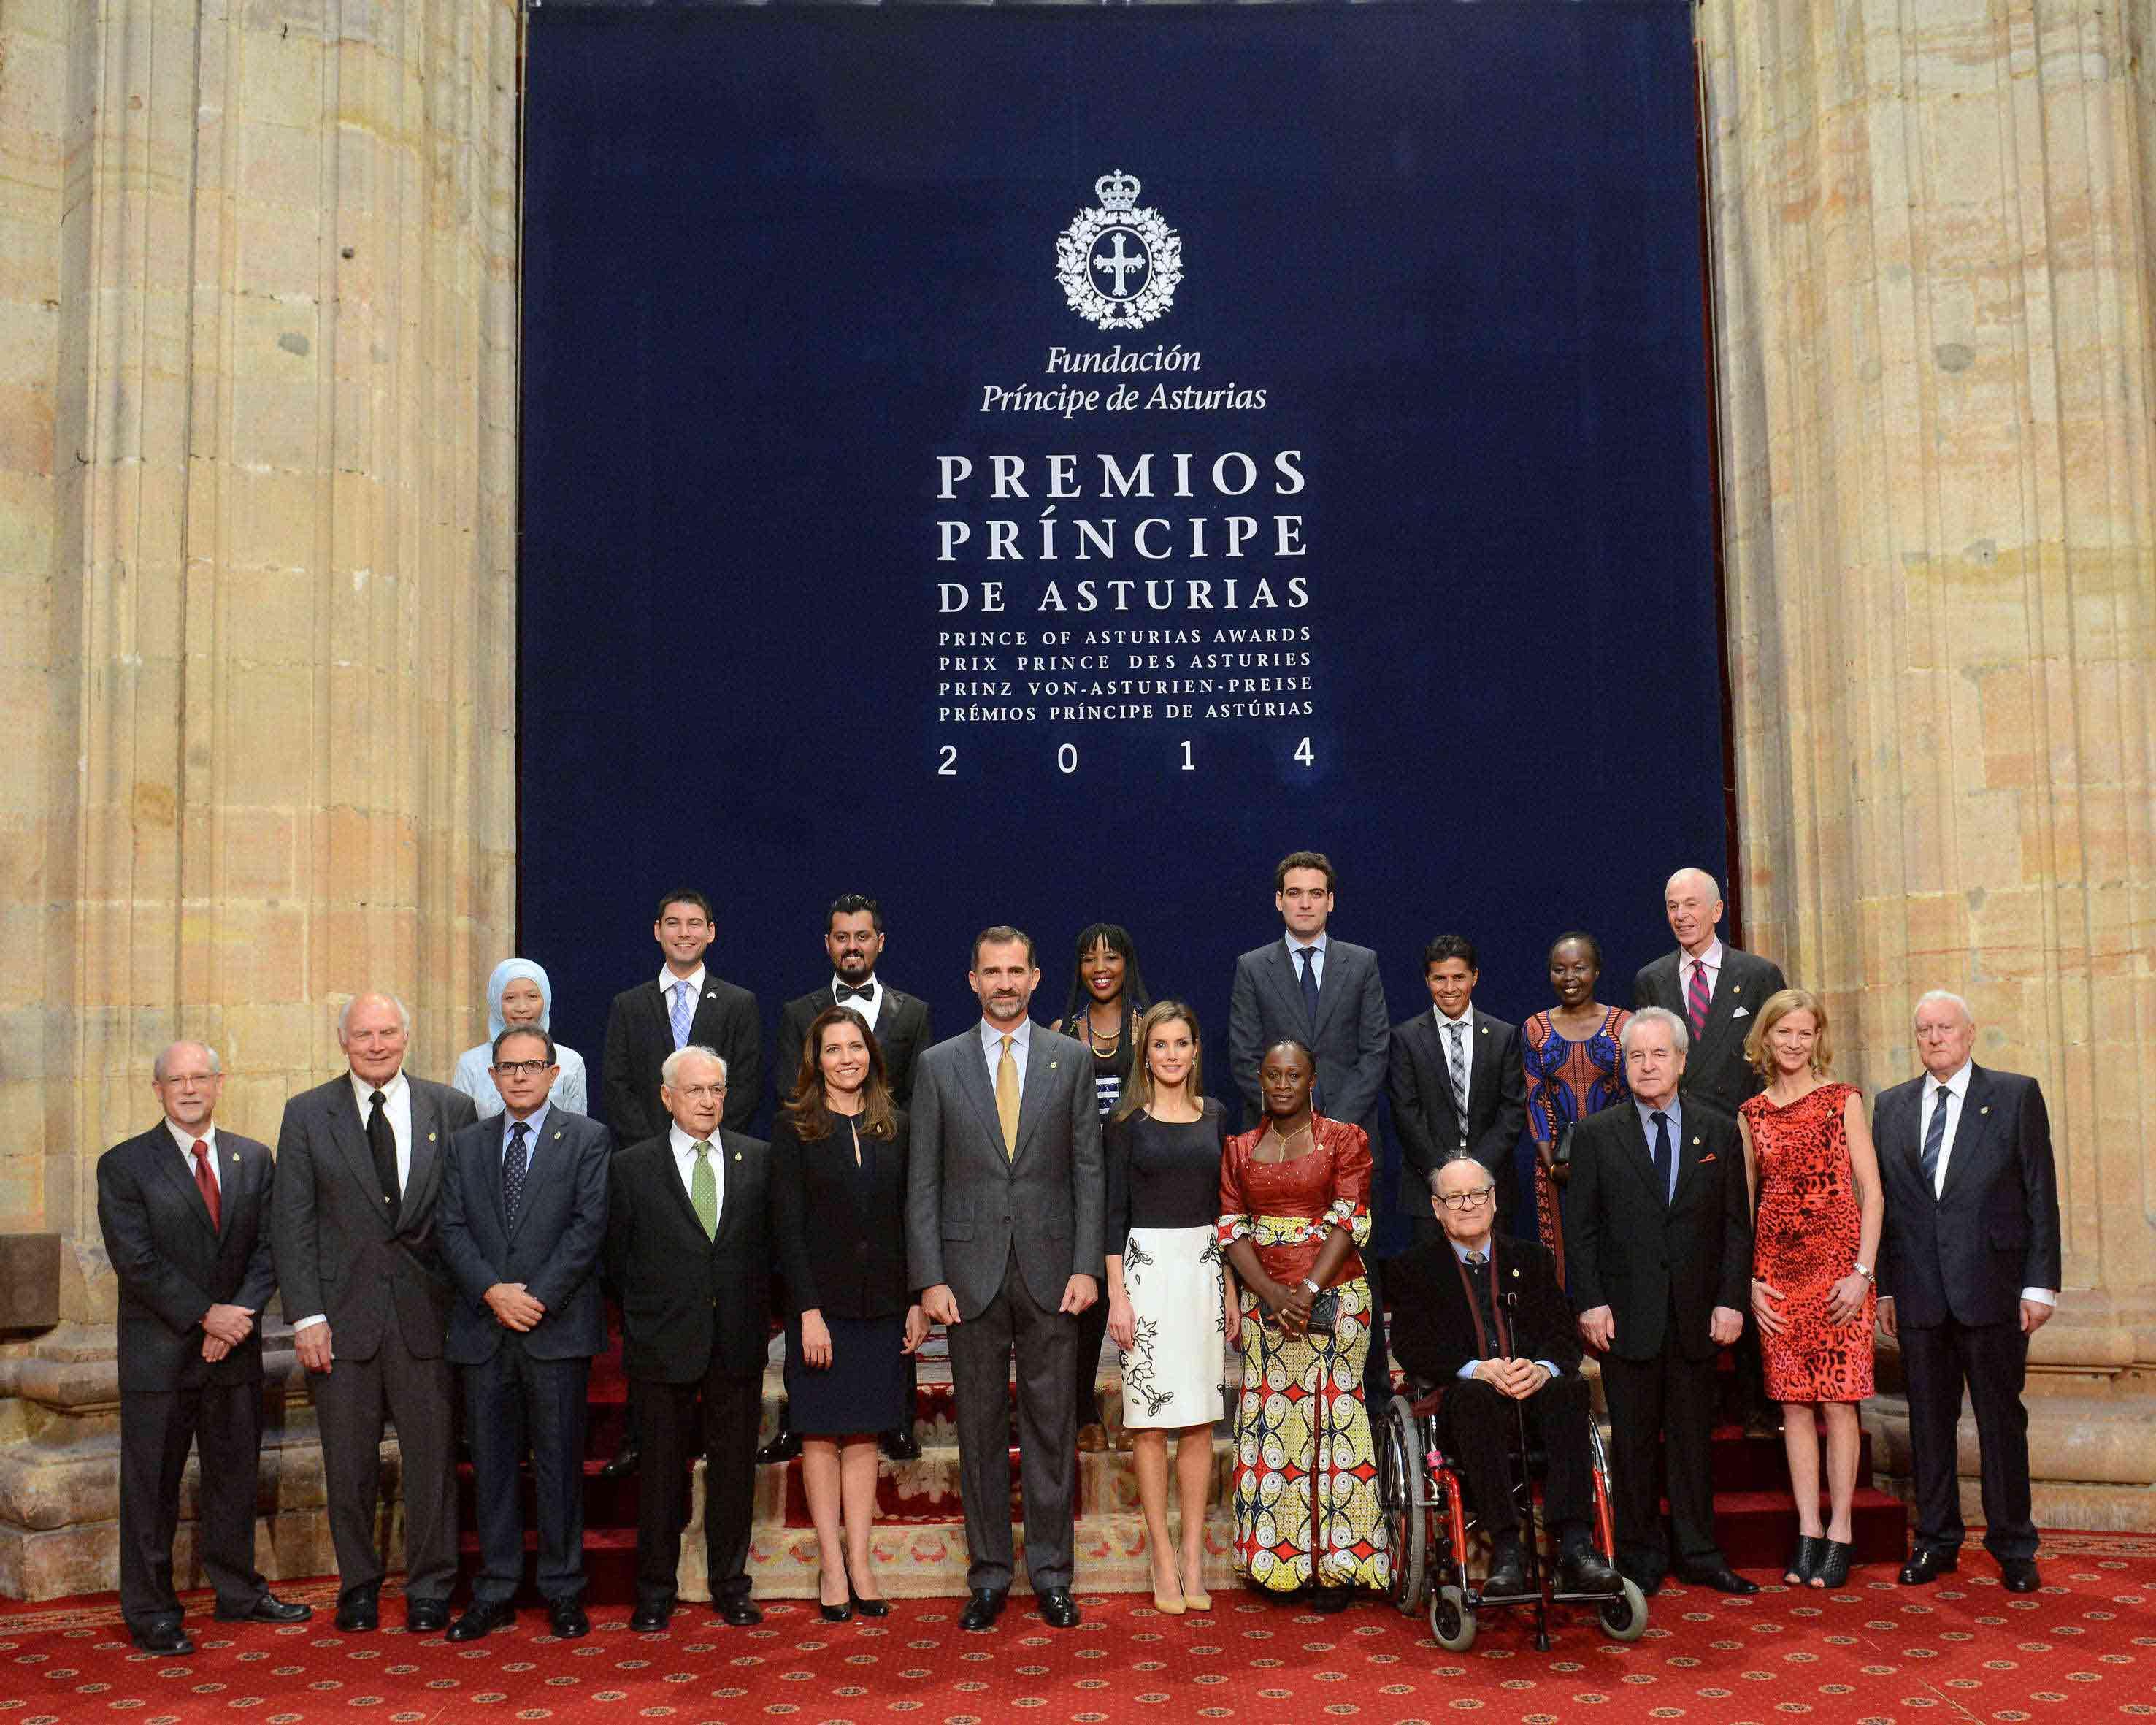 Fotografías de la Audiencia de SS.MM. los Reyes de España a los galardonados 2014